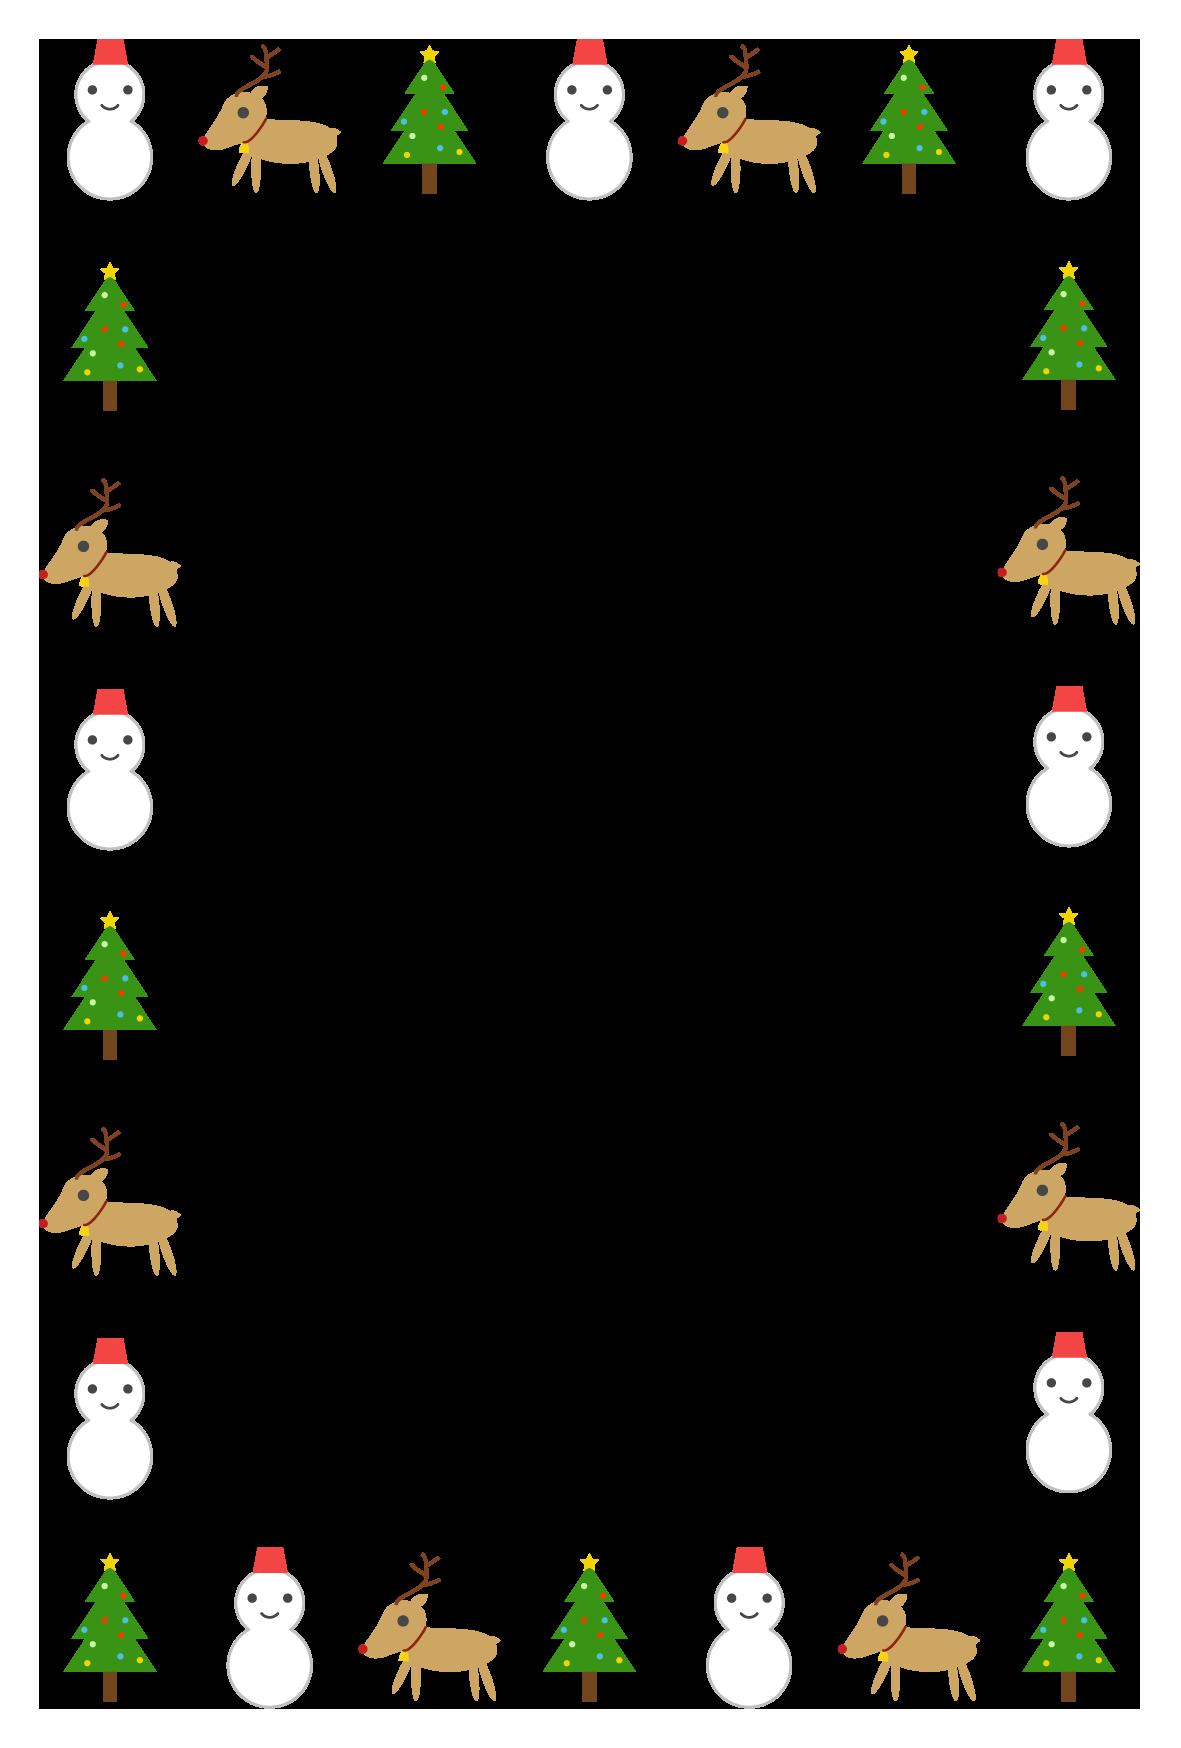 クリスマスのシンプル枠イラスト 縦 無料 イラストk